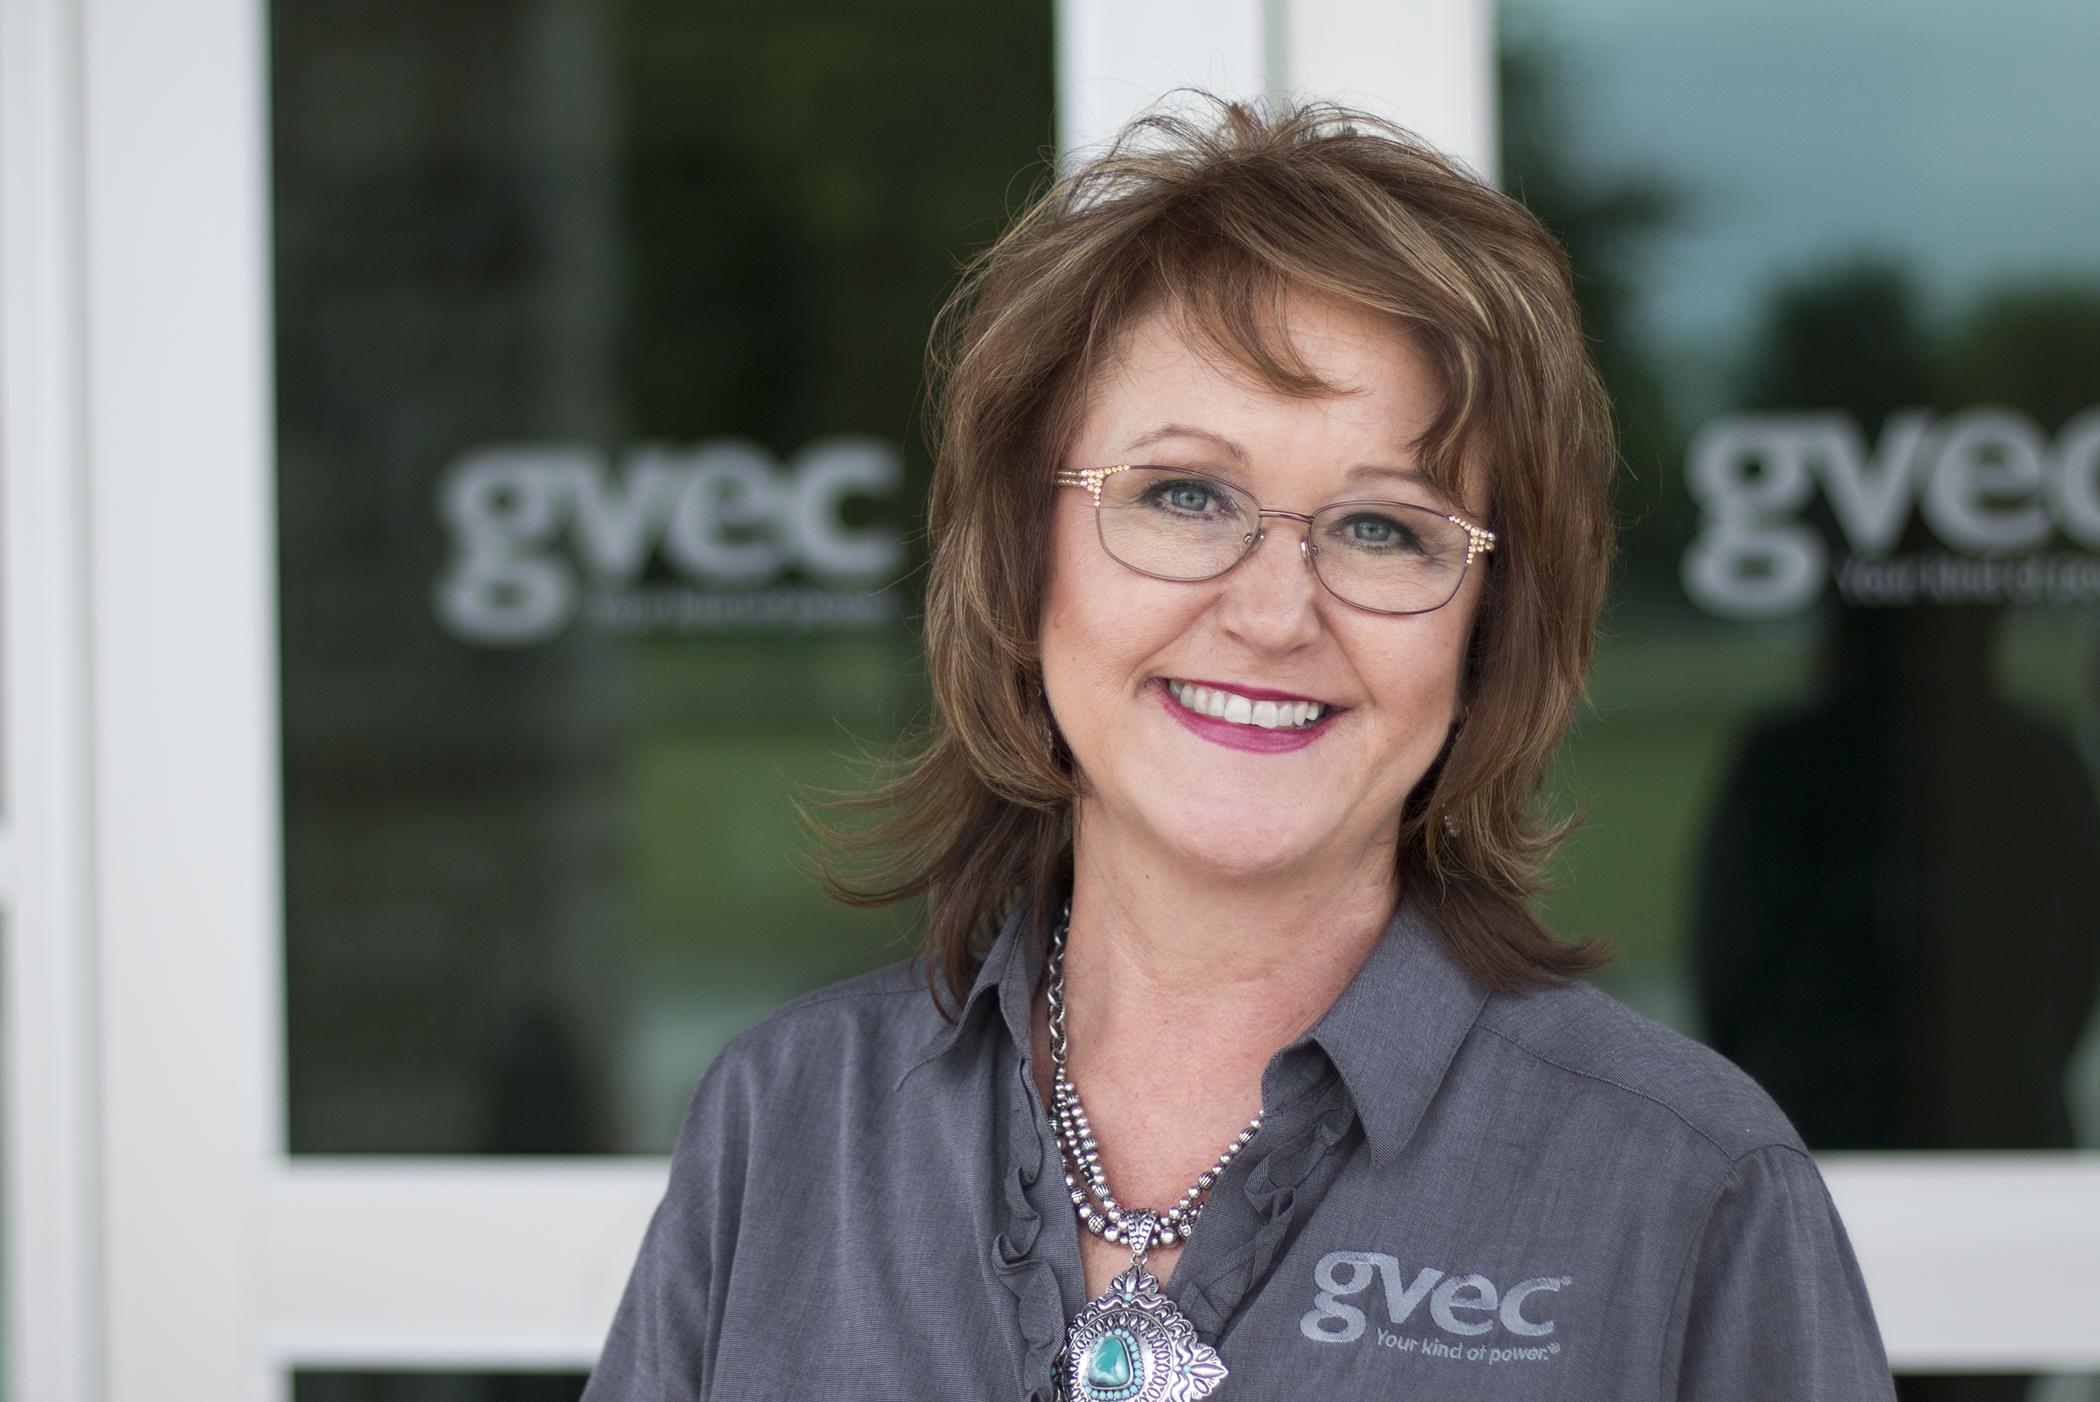 GVEC Executive Assistant Denise Stewart